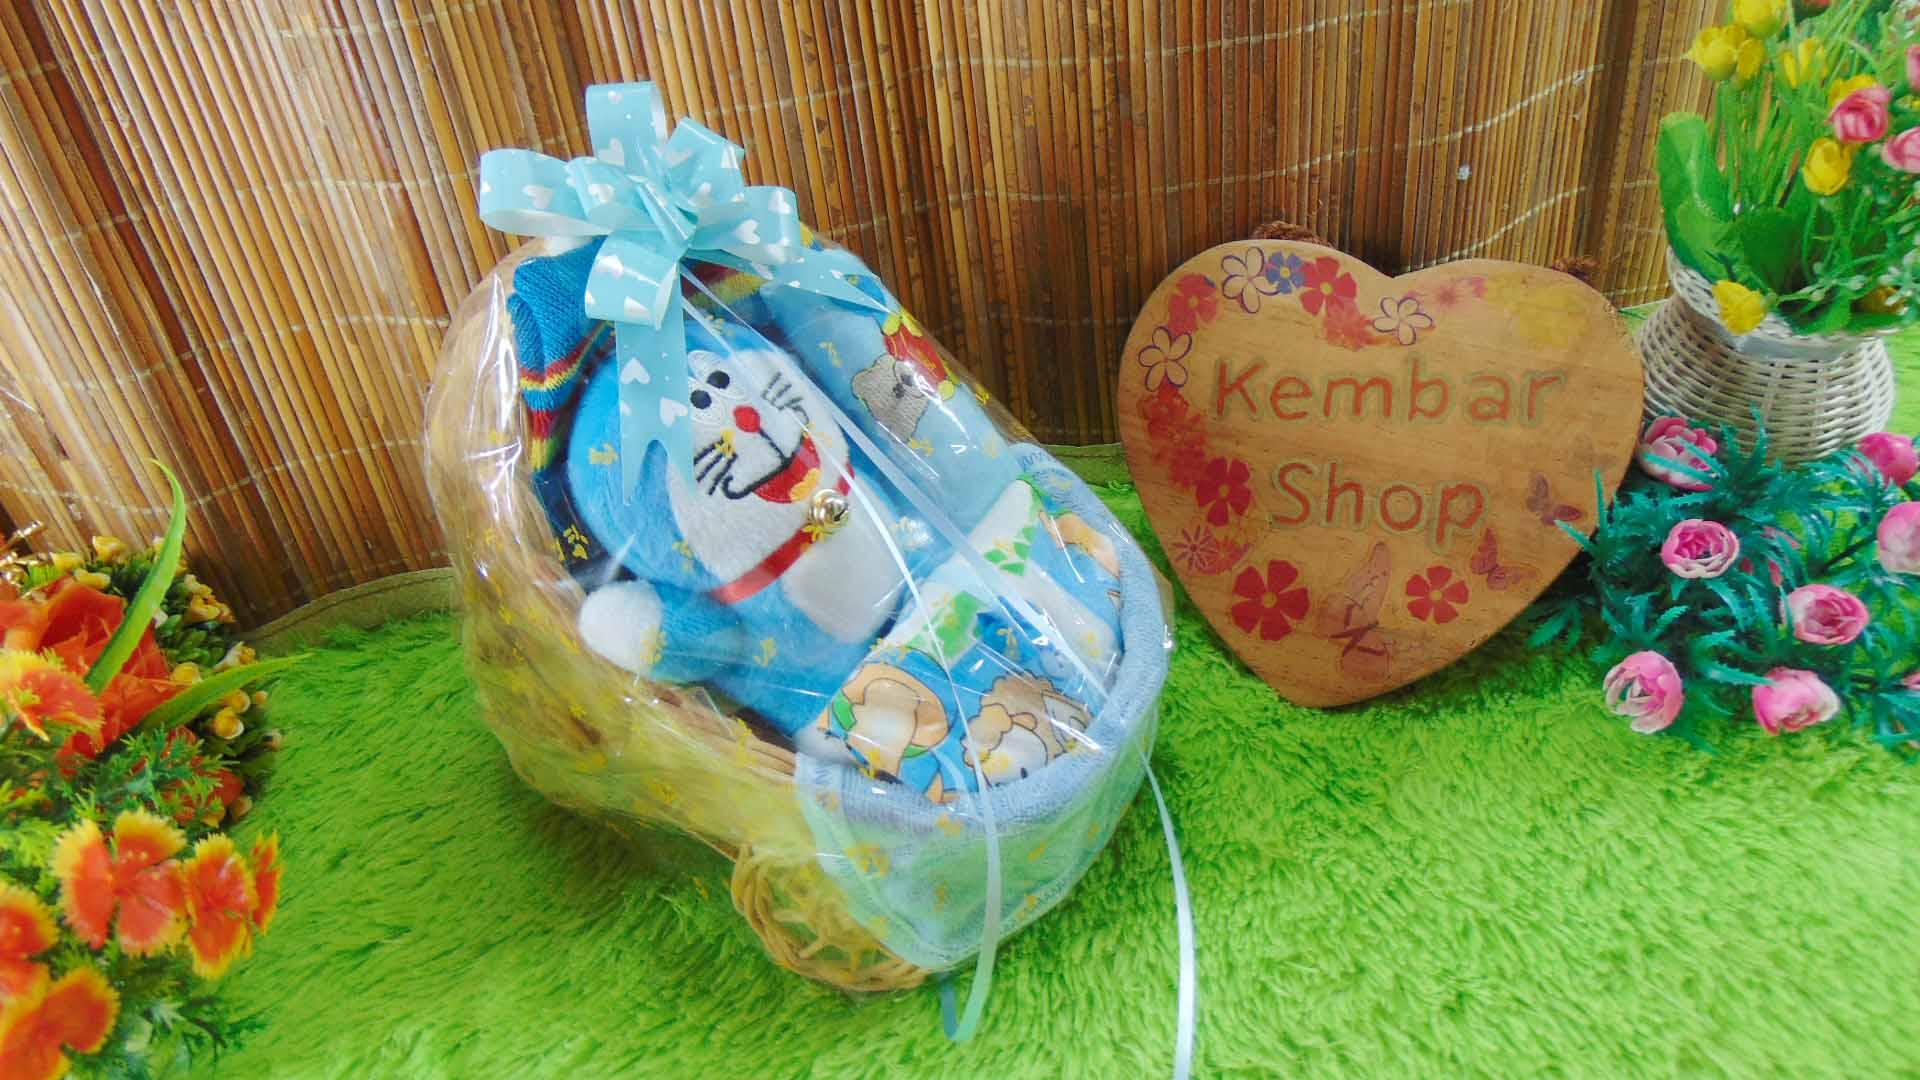 paket Tilik Bayi Hampers baby gift parcel bayi parcel kado lahiran Stroller Doraemon Pooh Hello Kitty (3)